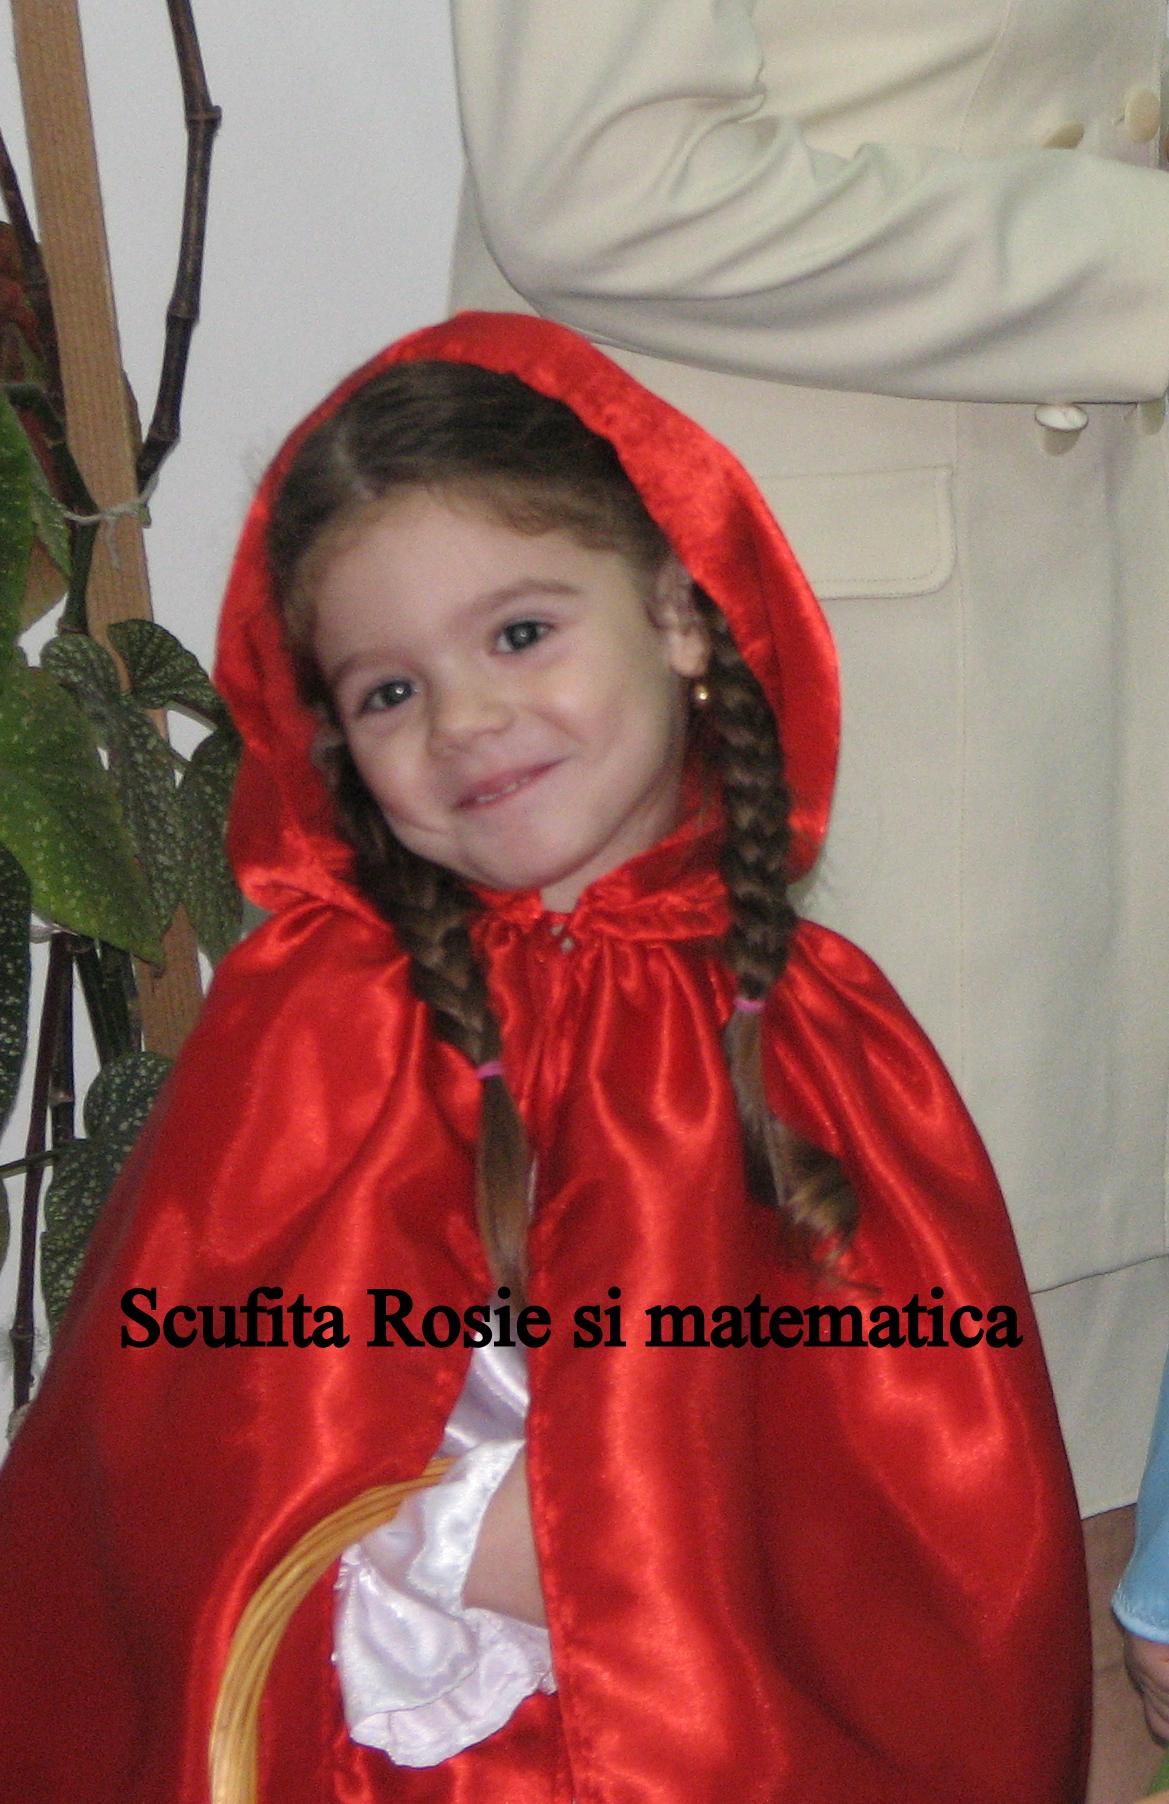 Scufiţa Roşie şi matematica (5)